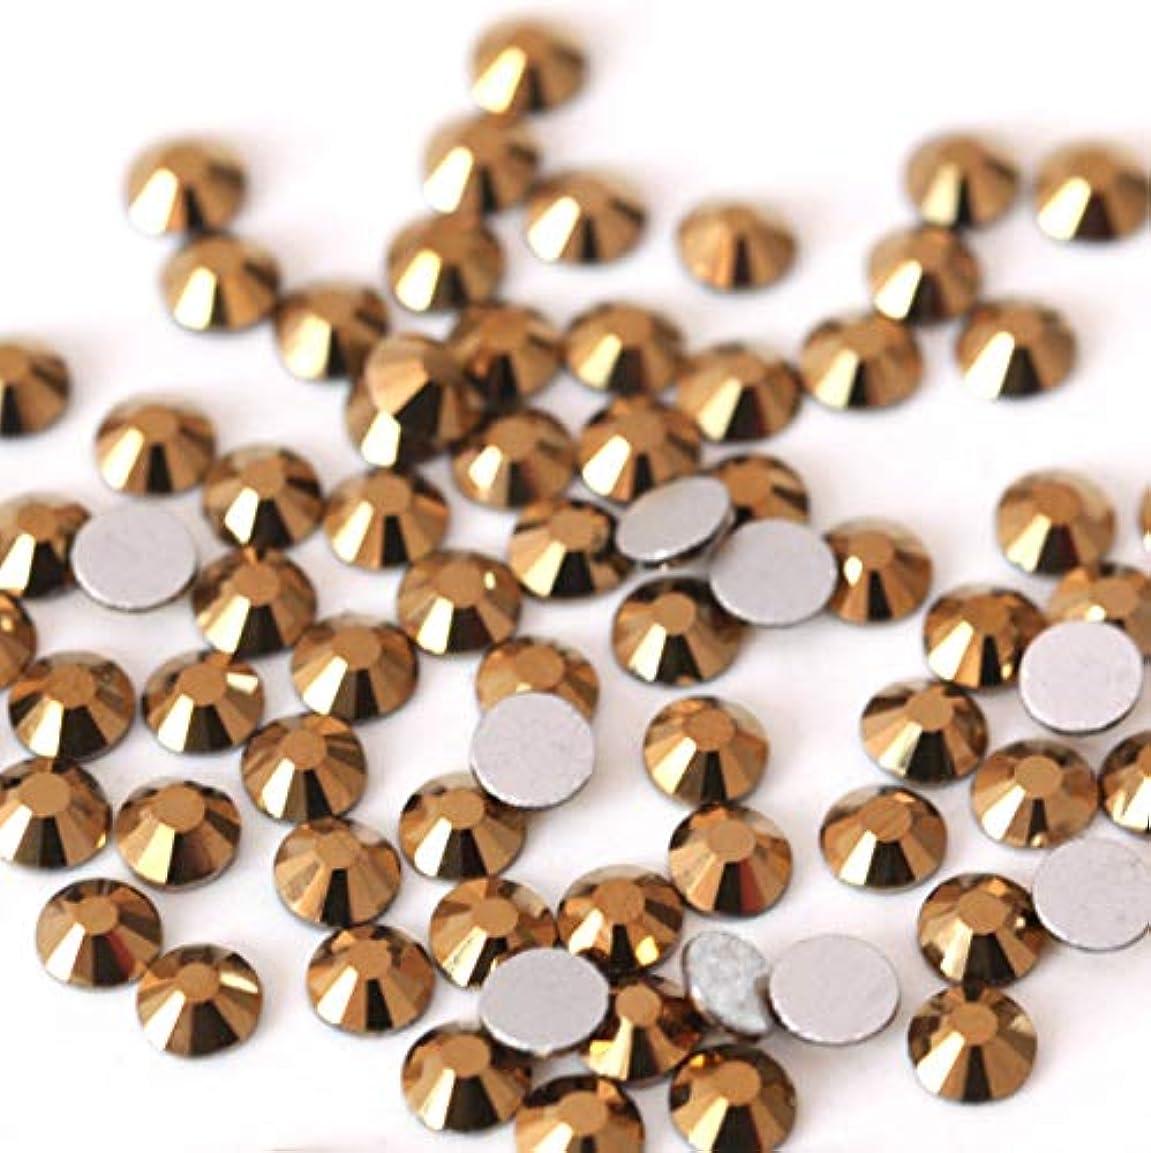 【ラインストーン77】 ガラス製ラインストーン ゴールドマイン 各サイズ選択可能 スワロフスキー同等 (SS16 約150粒)